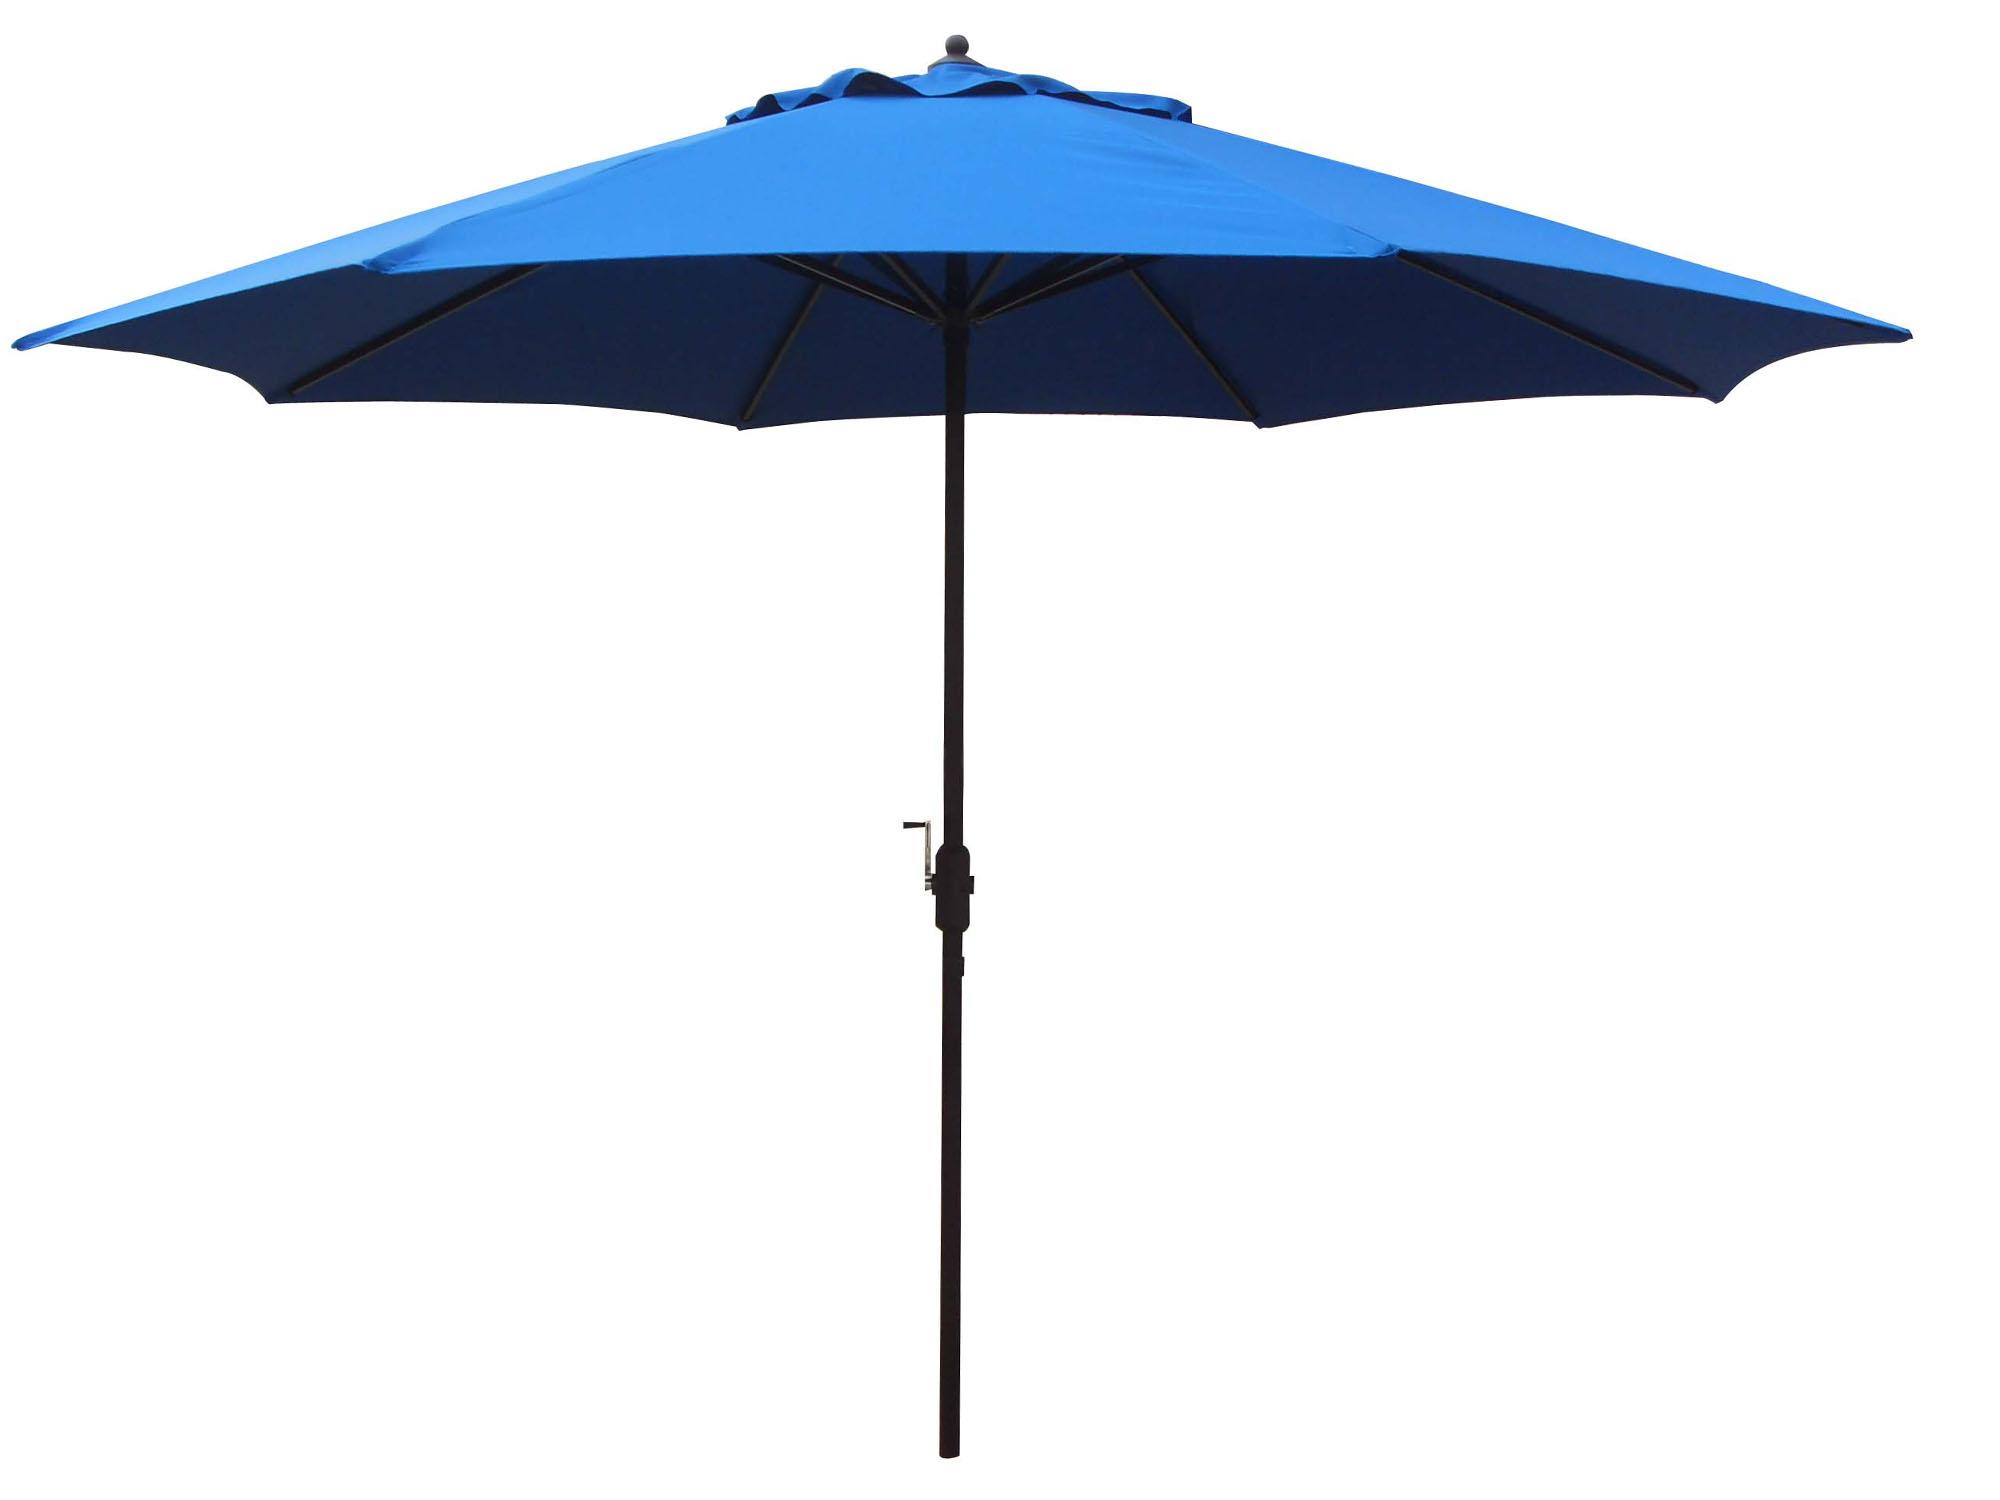 11 foot aluminum patio umbrella crank lift no tilt aluminum ribs